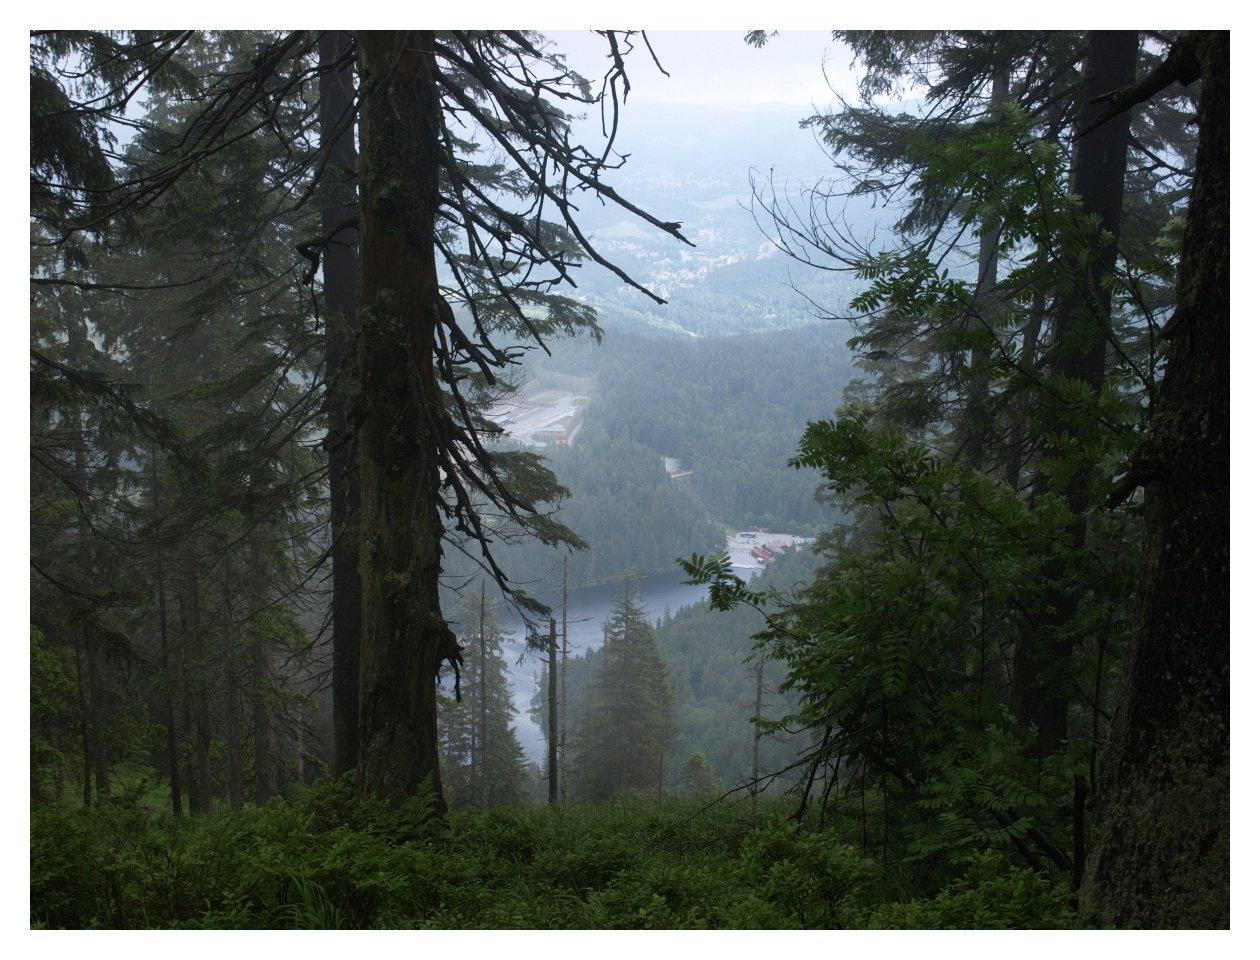 http://www.bayerwaldwandern.de/juni15/23juni15_5.jpg